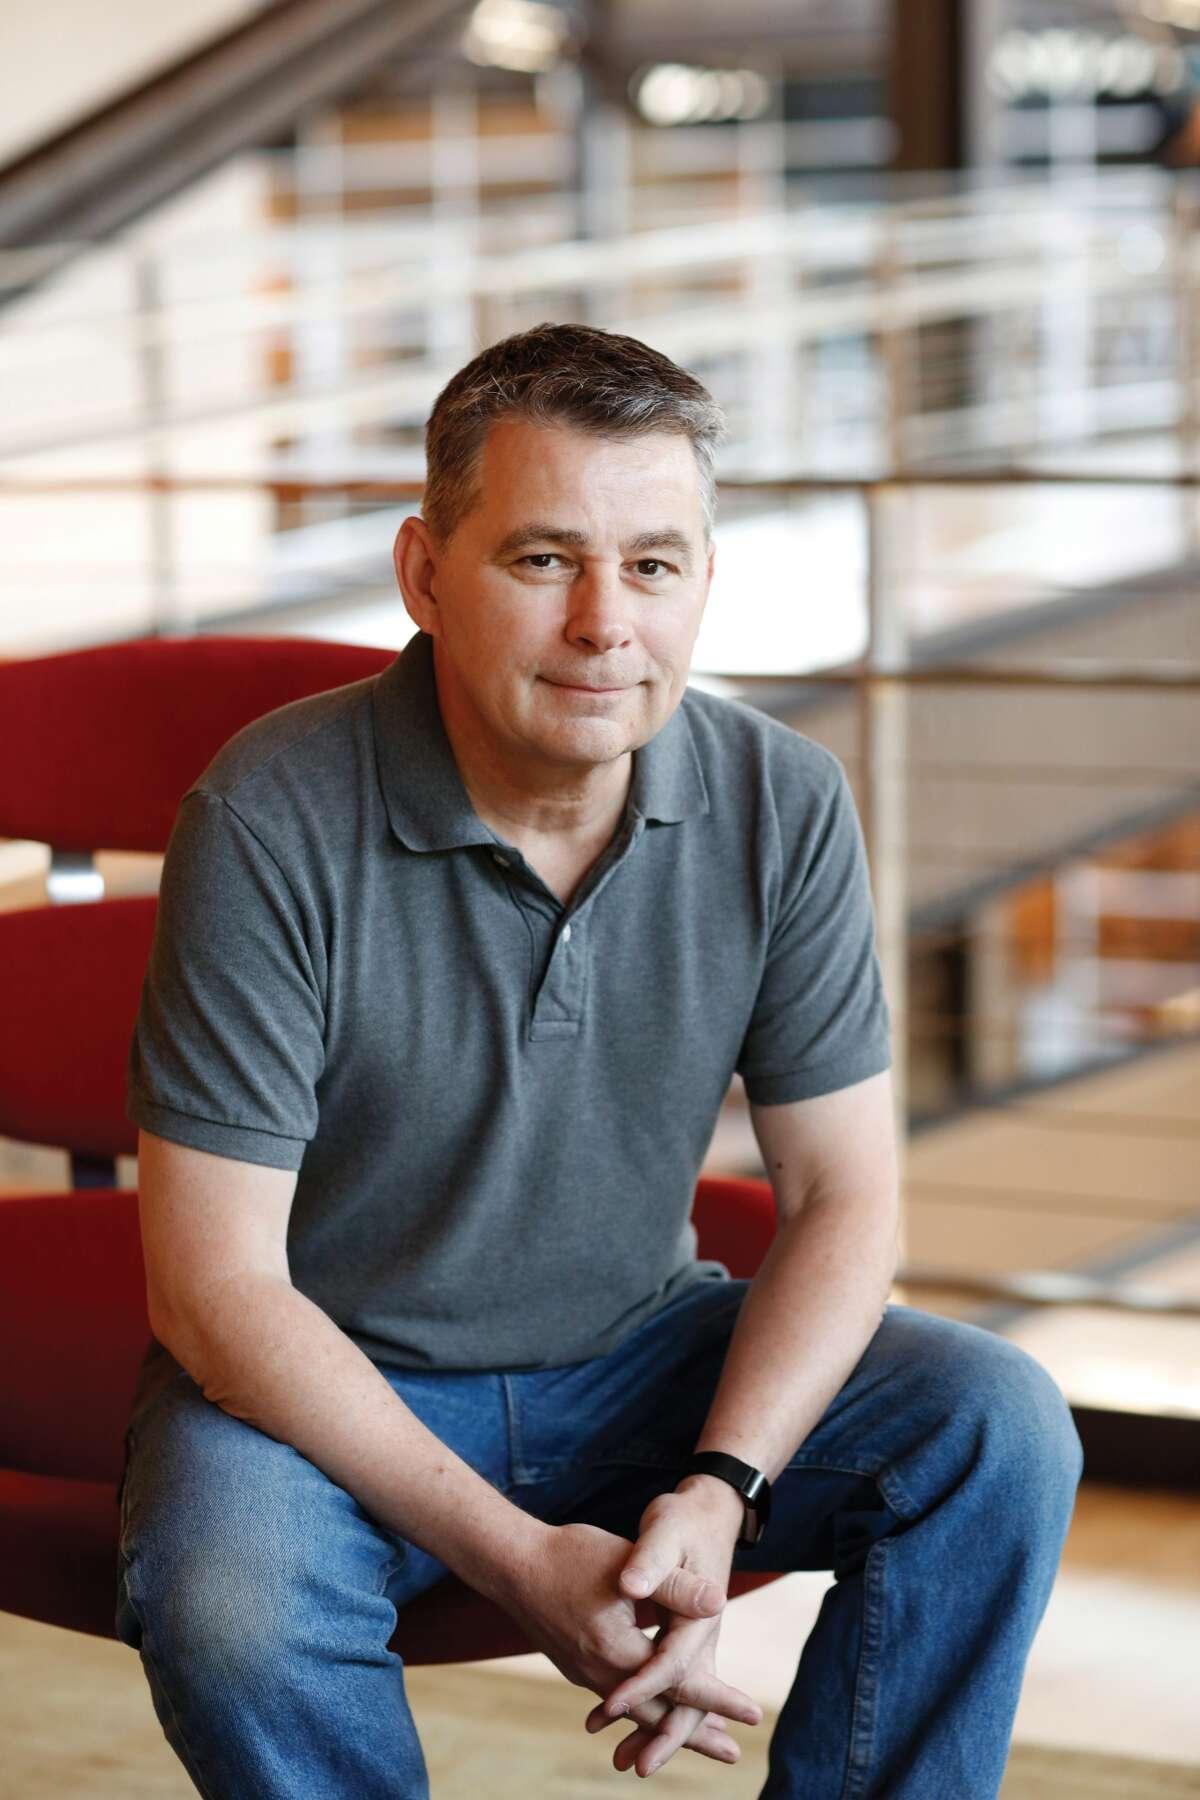 Former Edwardsville resident Chris Bernardi, who now works for Pixar.